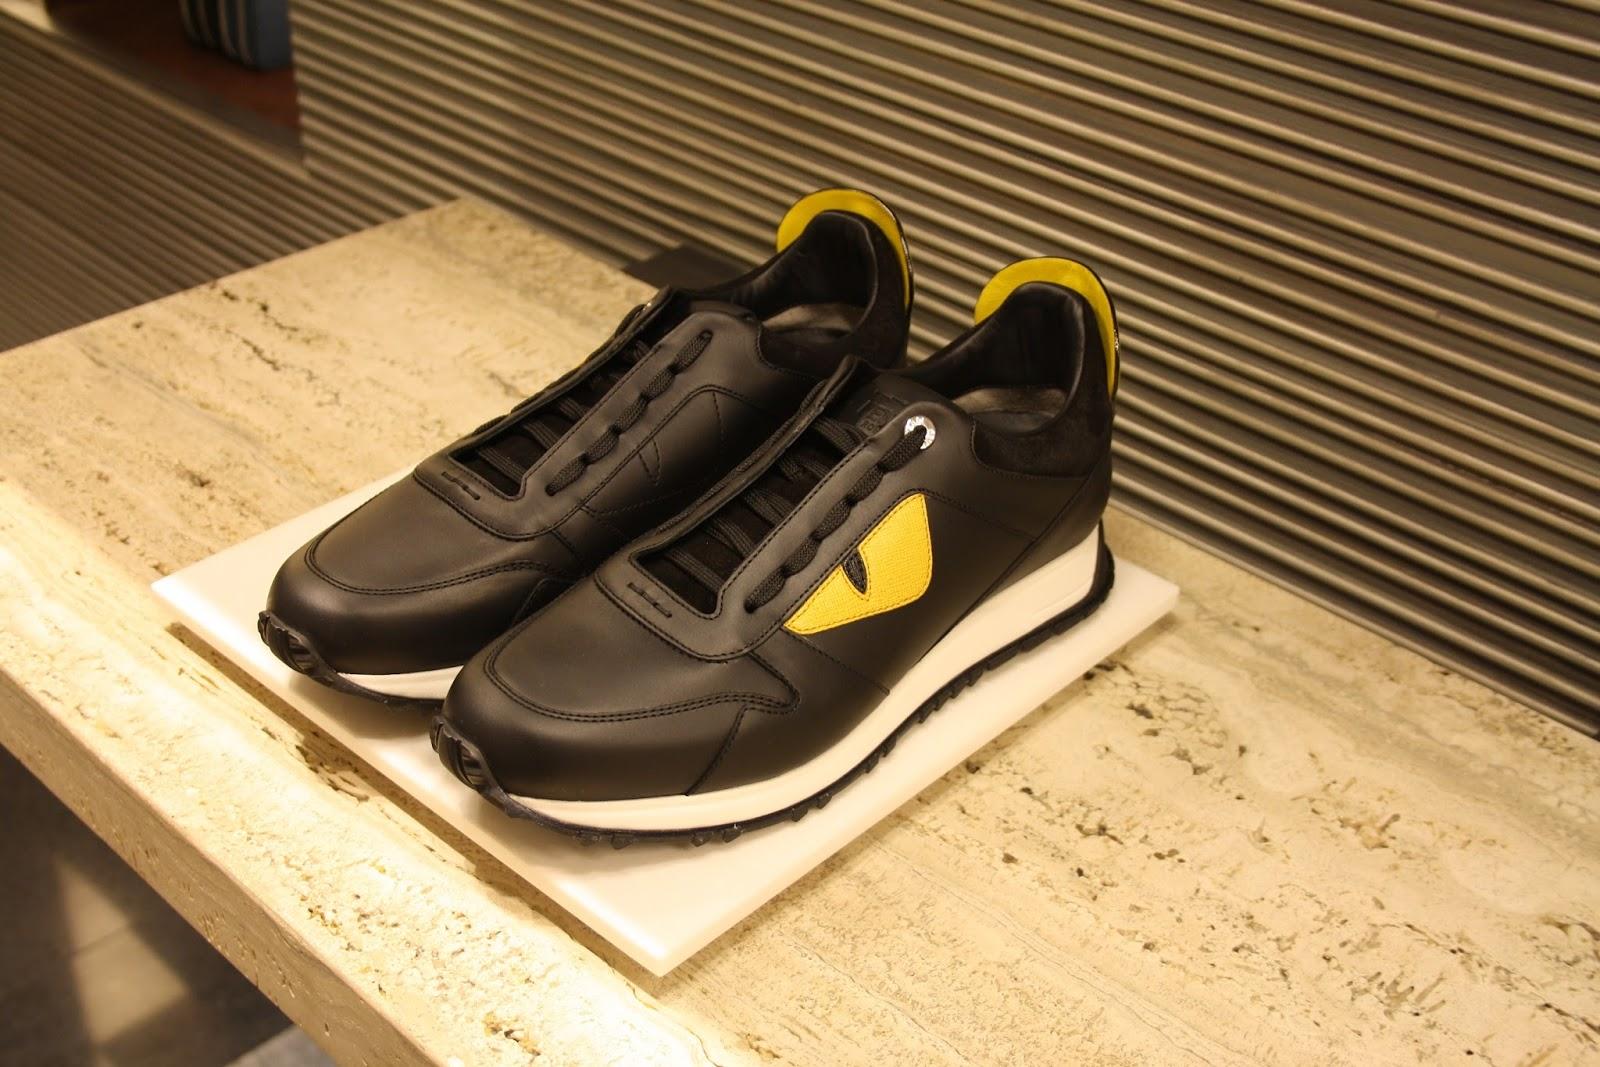 40f480519 تعد من أشهر الماركات الإيطالية في مجال الأحذية التي تتميز ببعض التصاميم  الغير تقليدية الجريئة والتي تلقى رواجاً كبيراً بين الفئات الشبابية المختلفة  .